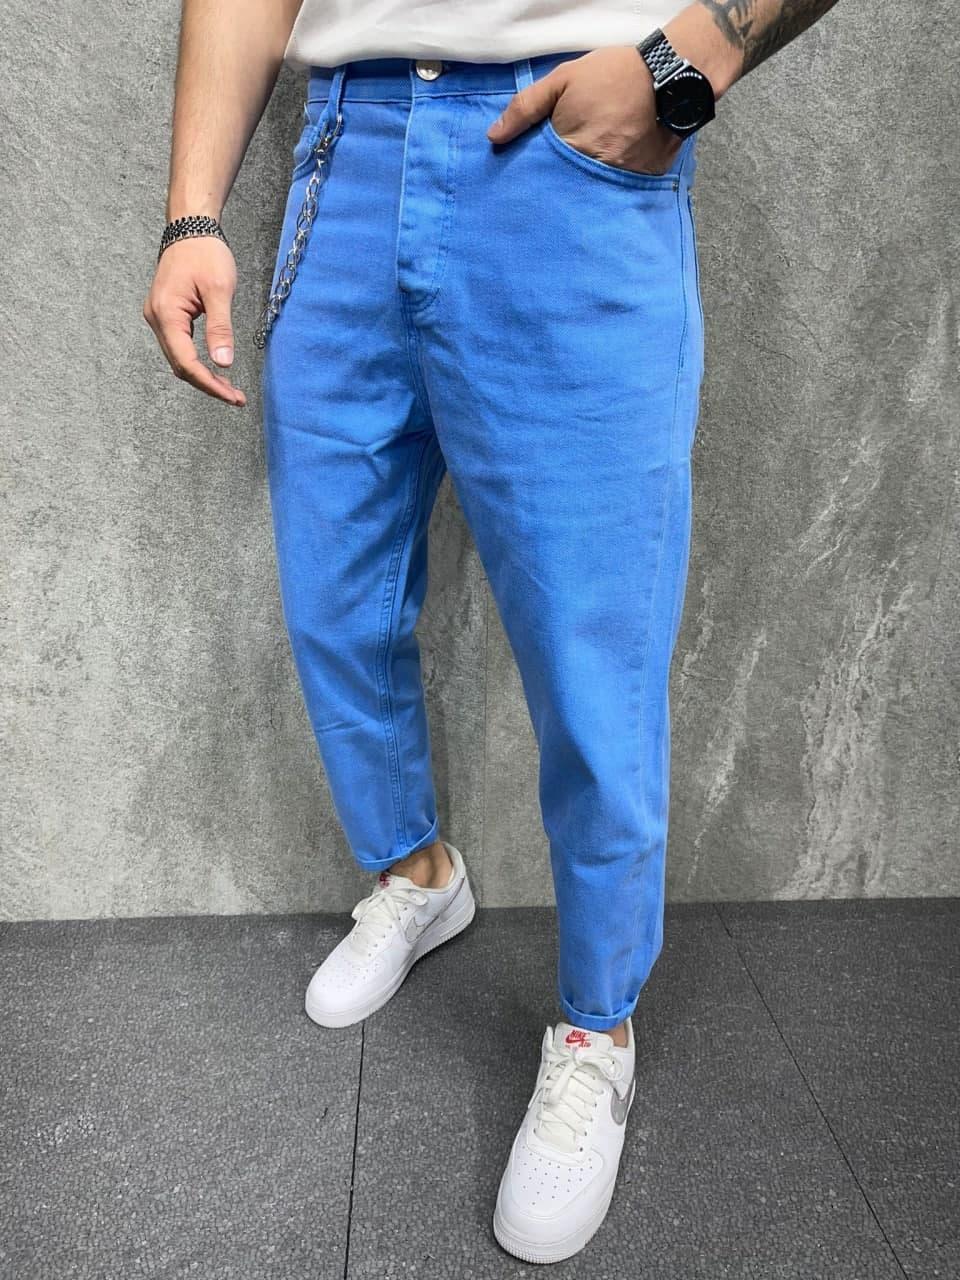 Мужские джинсы зауженные книзу (синий) молодежные современные s6393